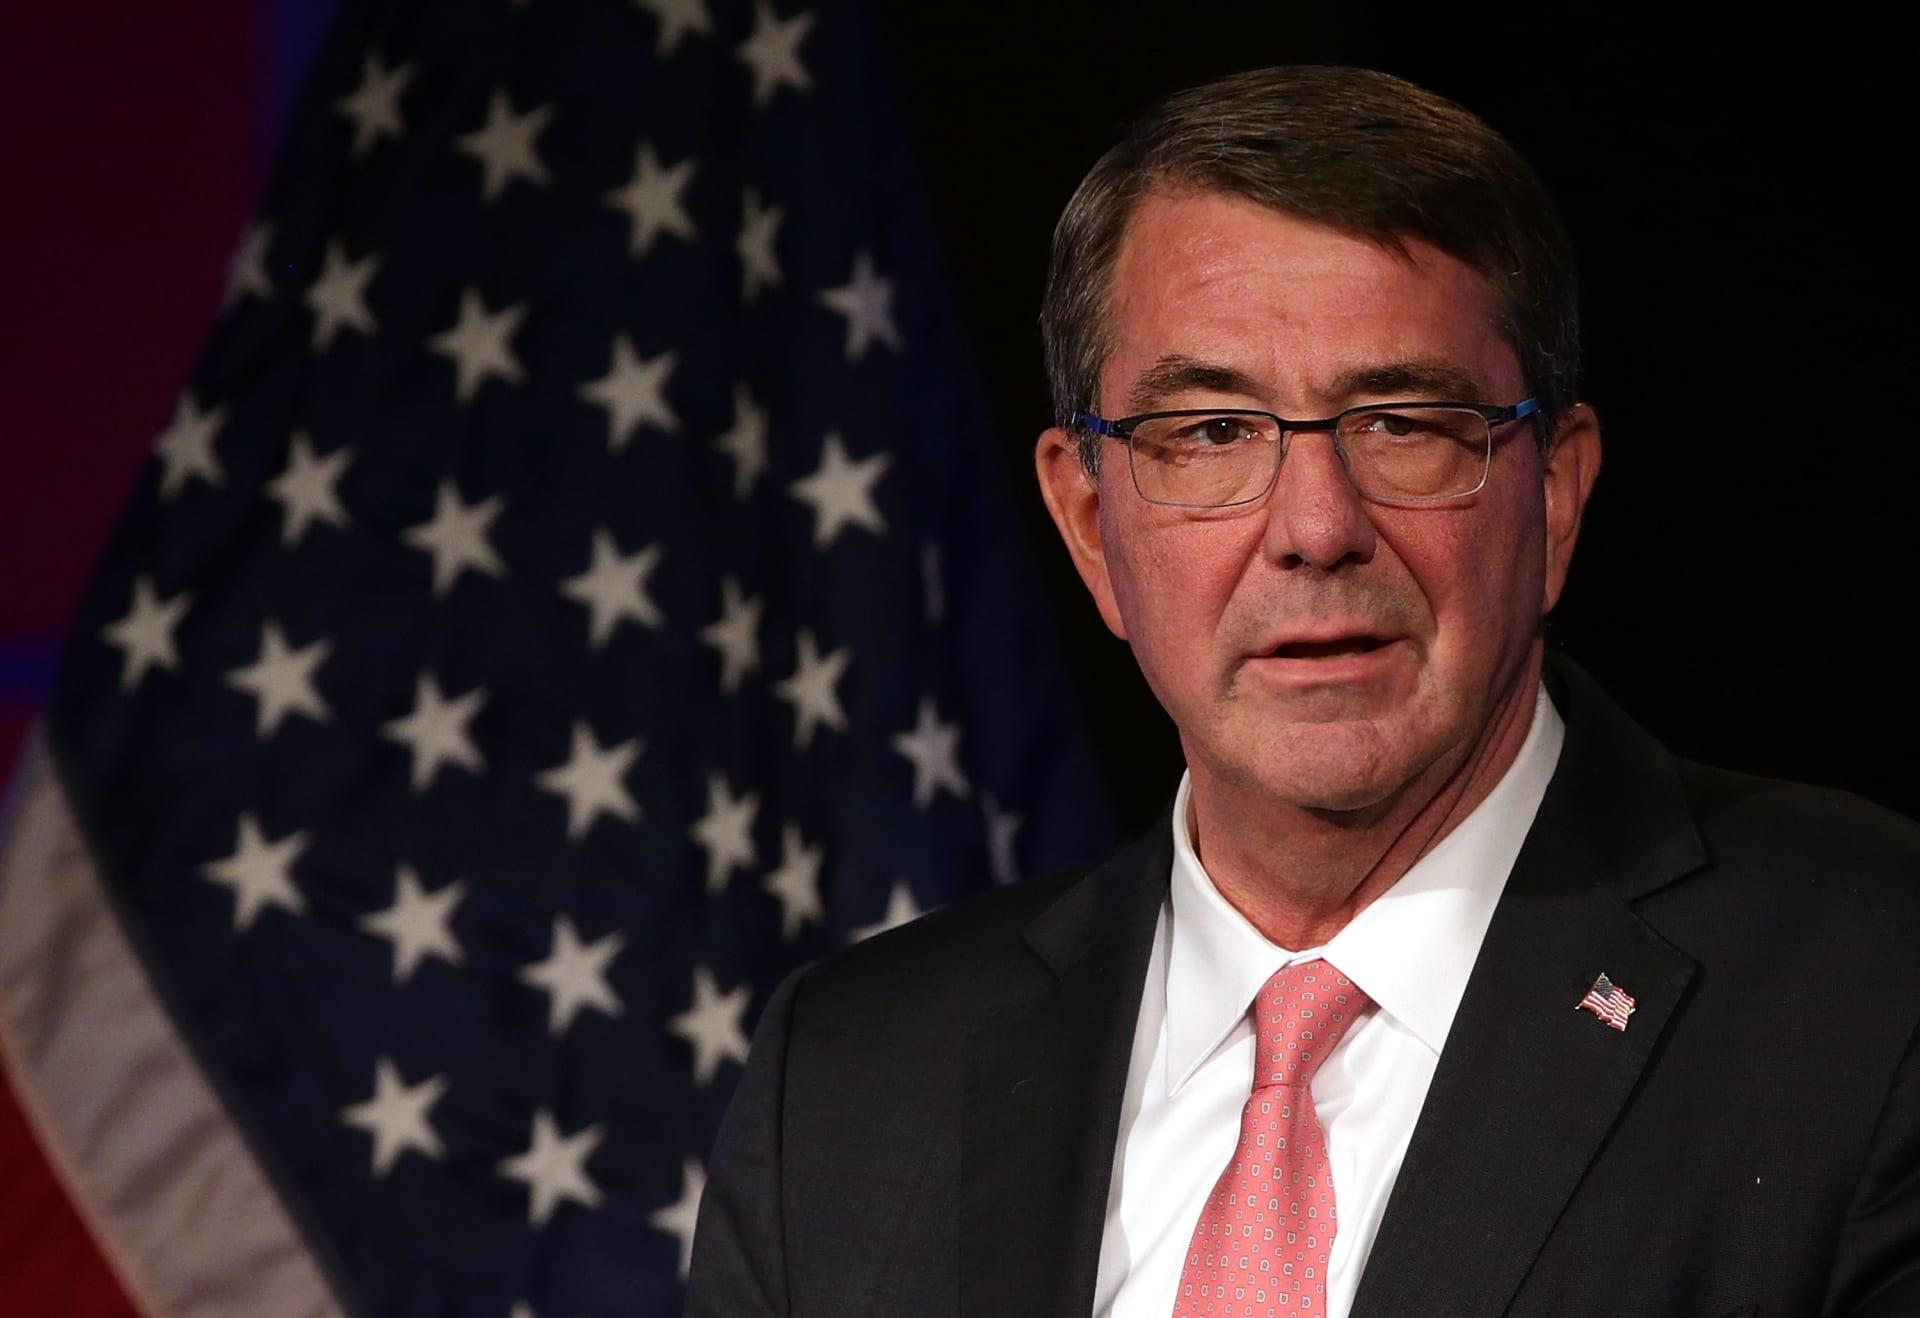 وزير الدفاع الأمريكي: سنهزم داعش.. ونأمل في المزيد من الدول الأوروبية